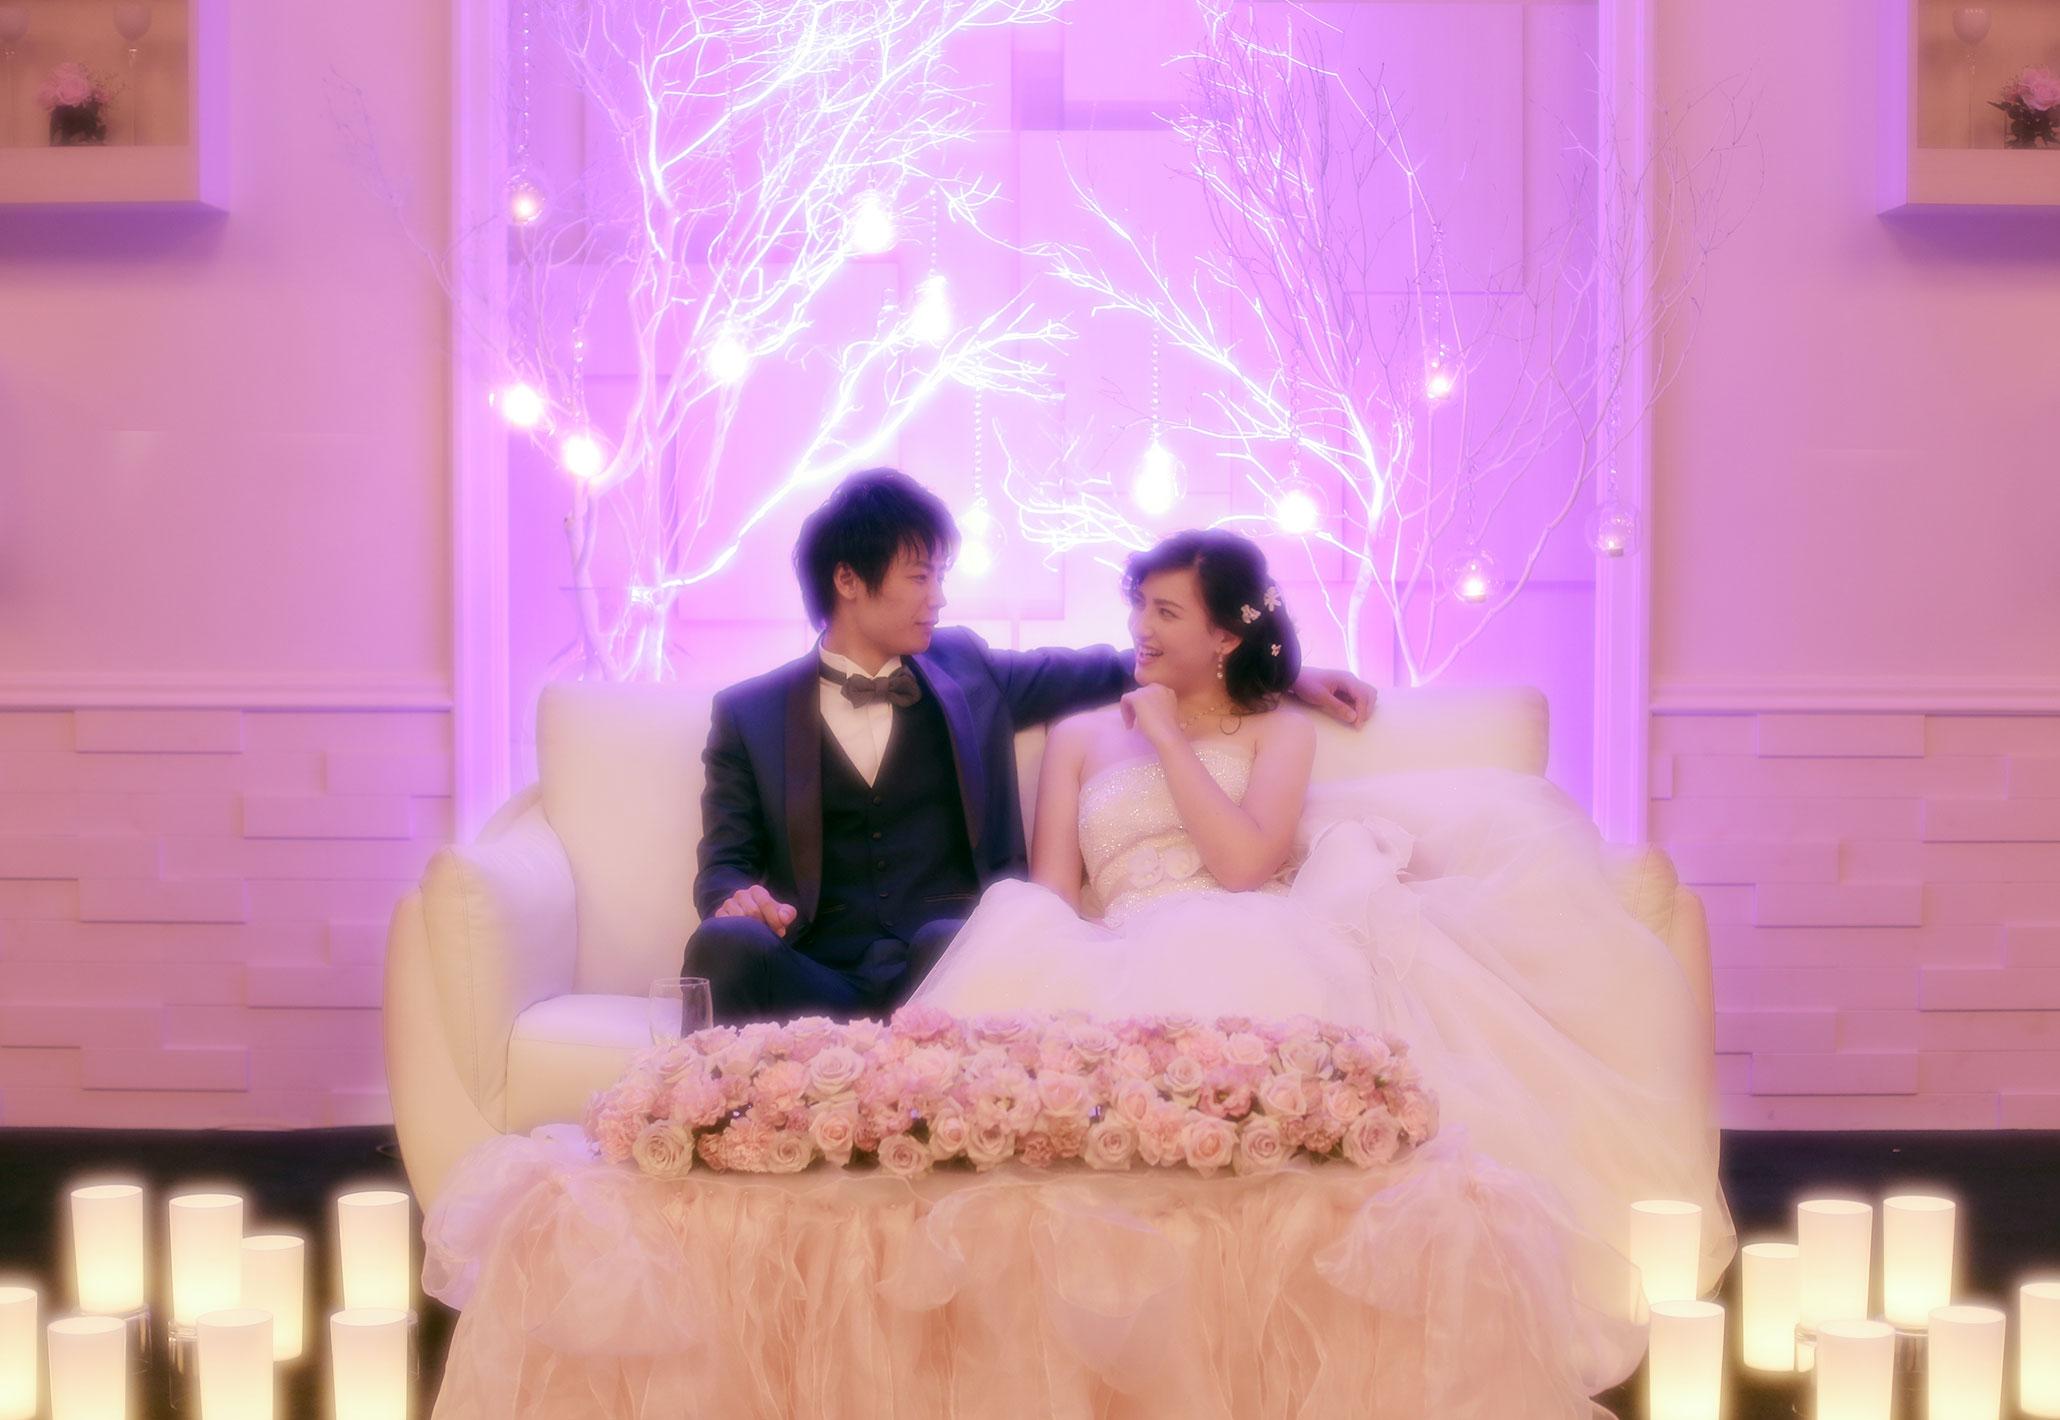 イルミネーションに包まれた幻想的な二人だけの空間|愛媛県松山市の結婚式場ベルフォーレ松山